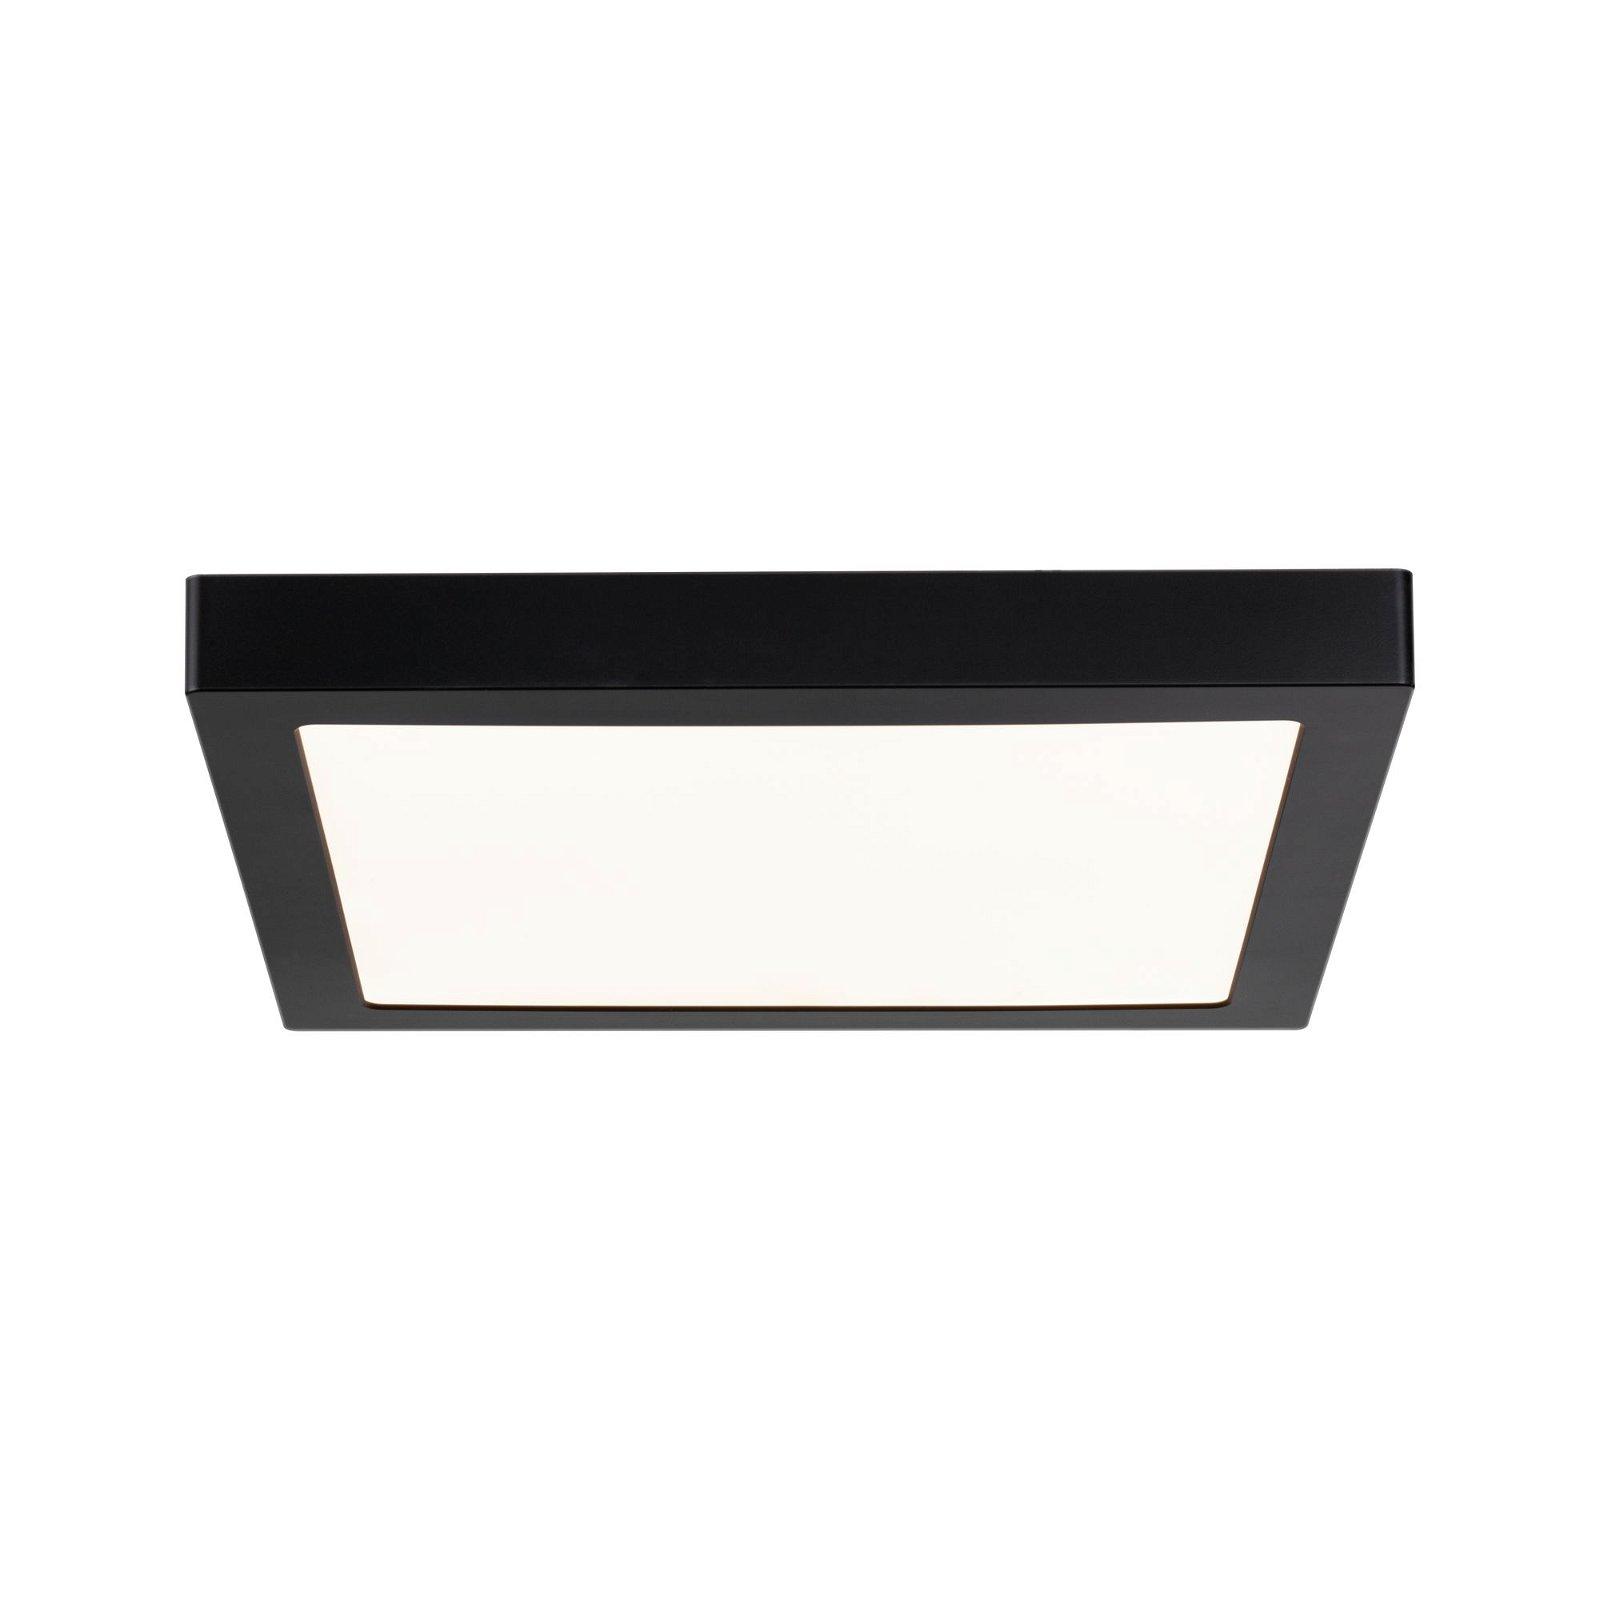 Panneau LED Abia carré 300x300mm 3200lm 2700K Noir mat